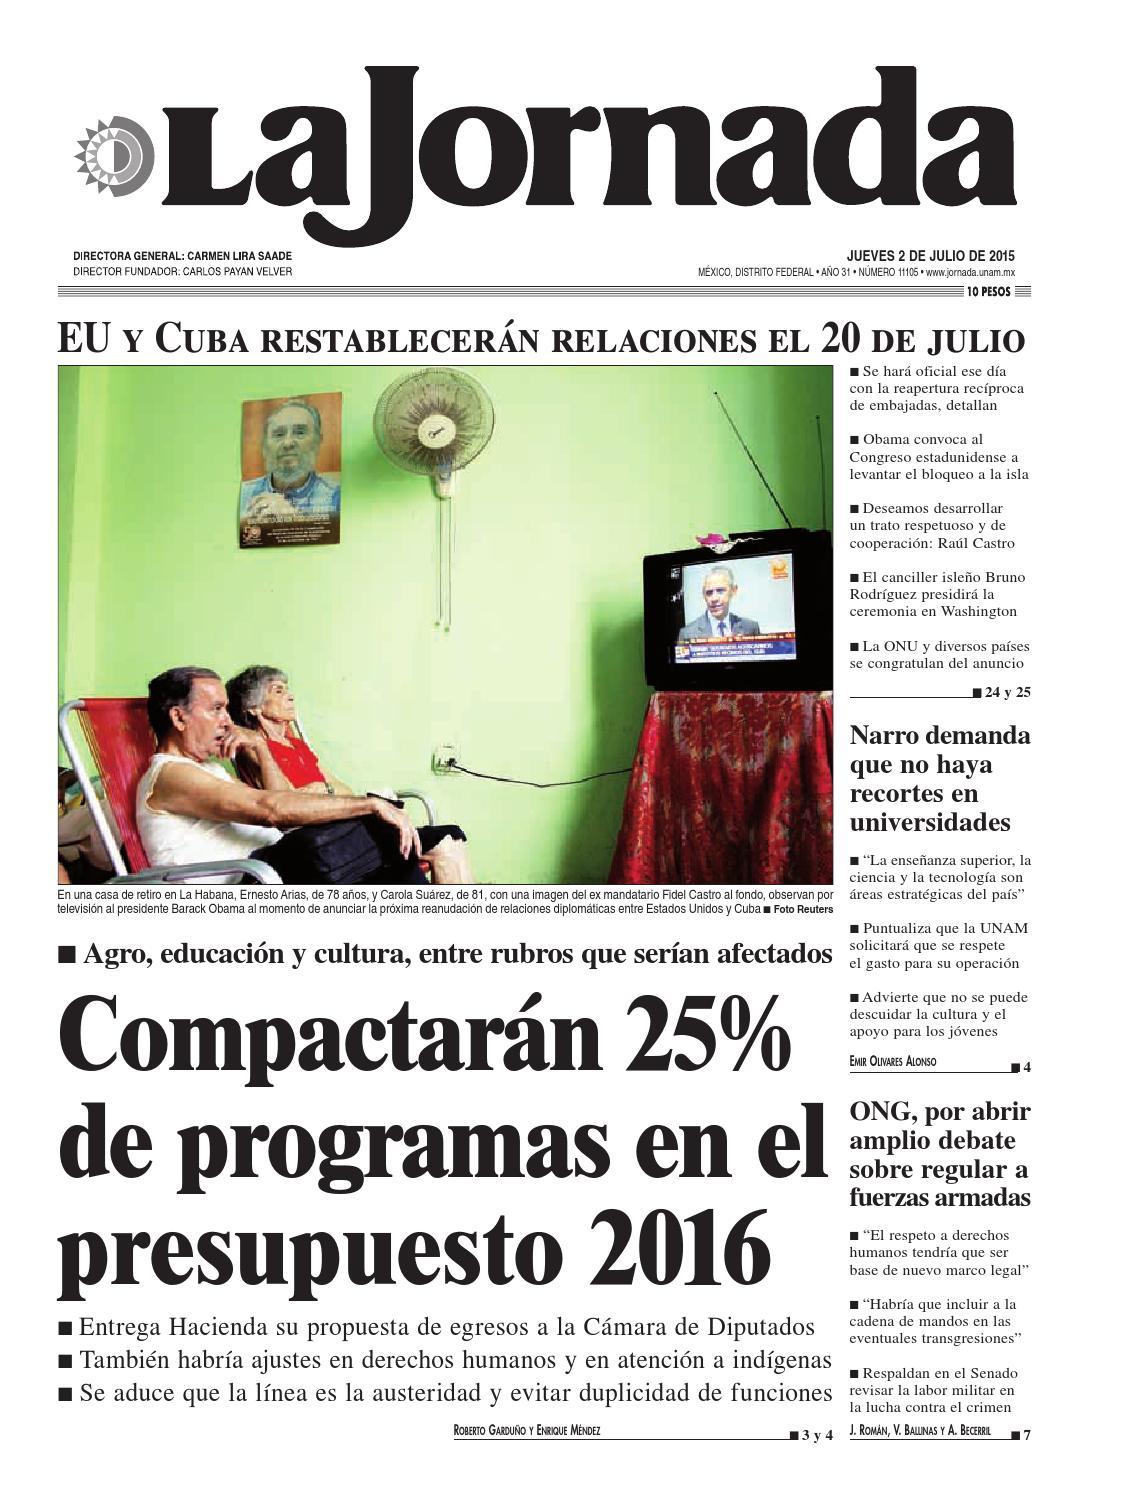 La Jornada, 07/02/2015 by La Jornada: DEMOS Desarrollo de Medios SA ...